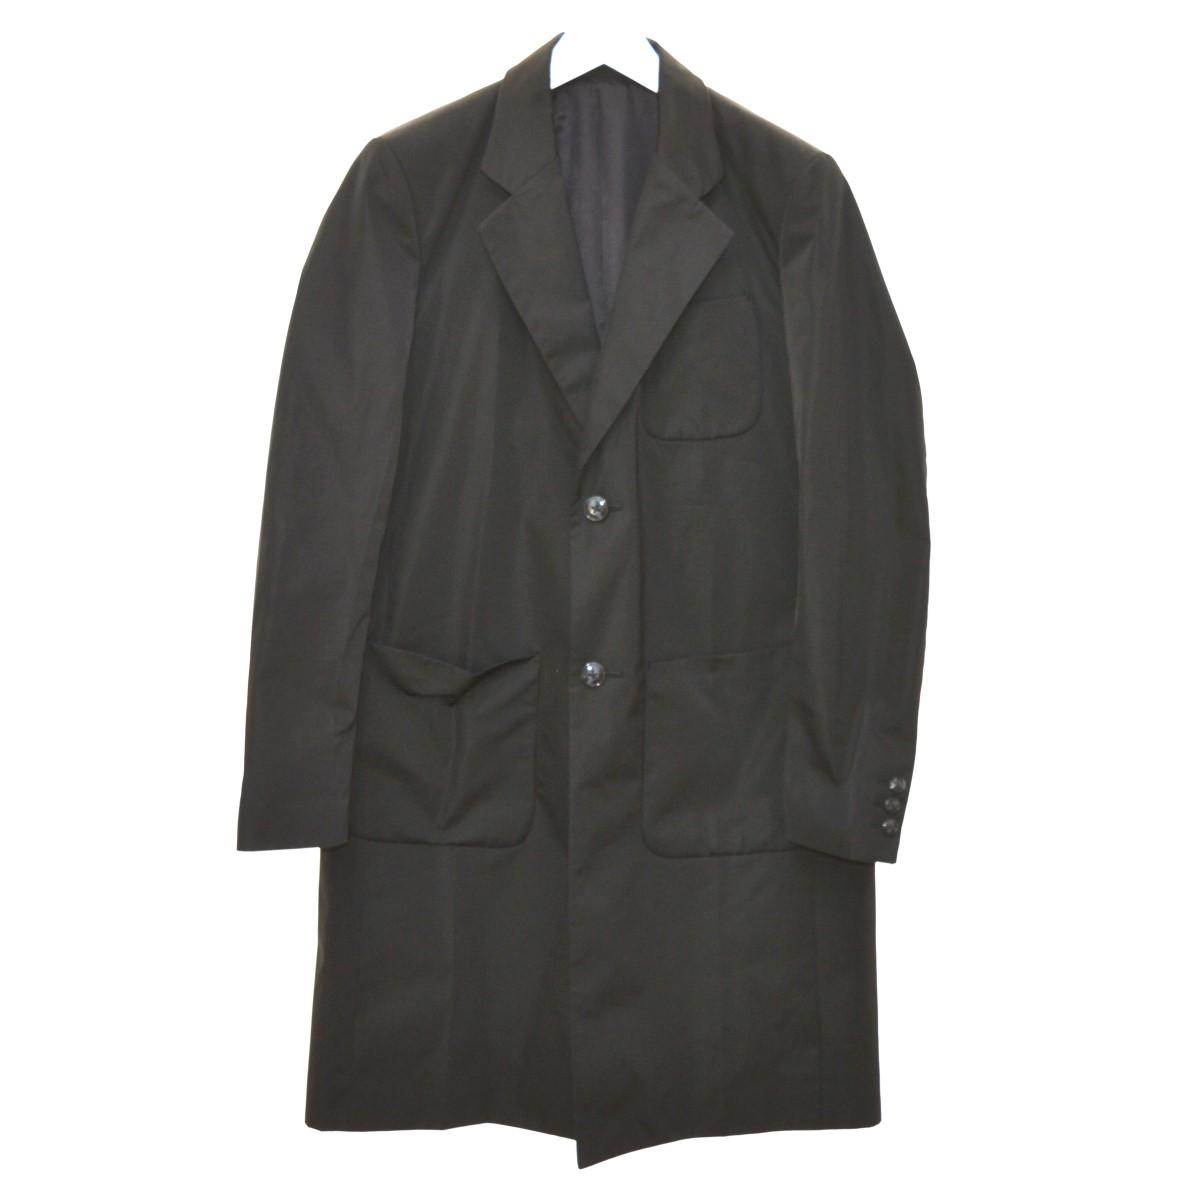 【中古】YUKI HASHIMOTO 20SS CHESTERFIELD CORT コート ブラック サイズ:46 【160620】(ユウキ ハシモト)